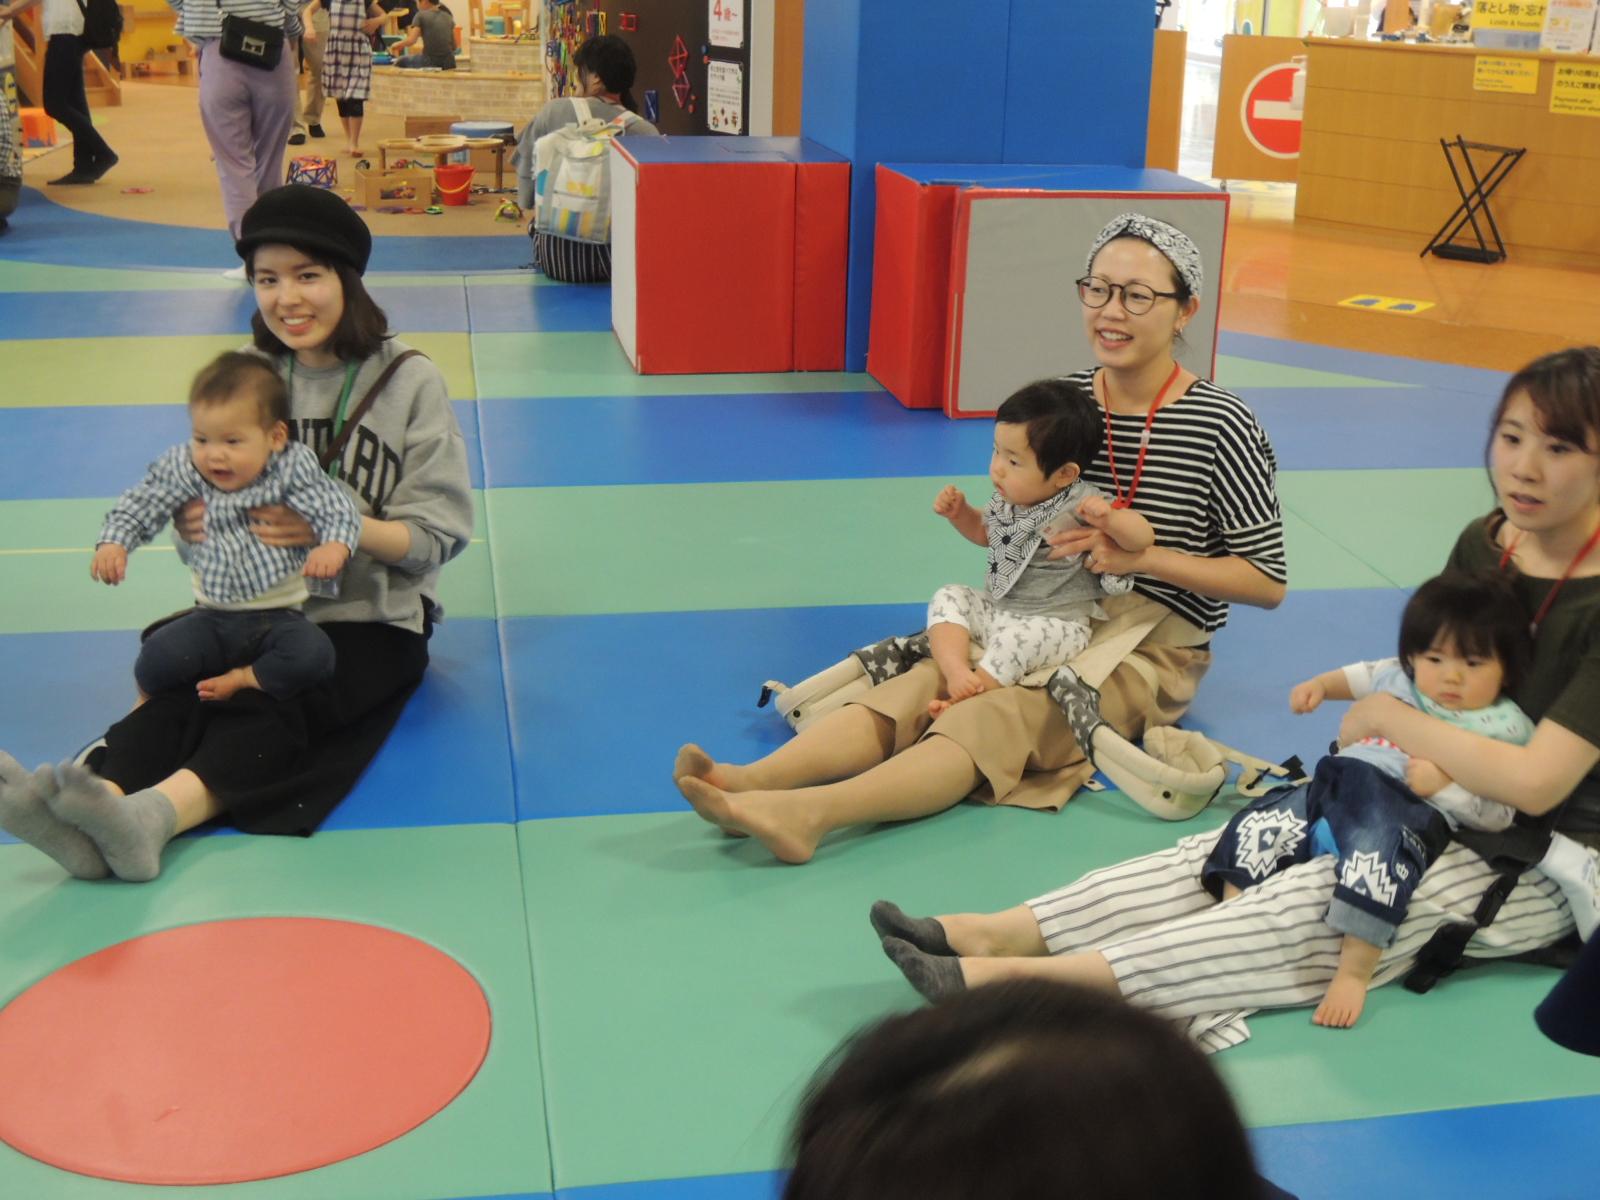 3月29日赤ちゃんの日イベント「ハイハイレース」のご報告